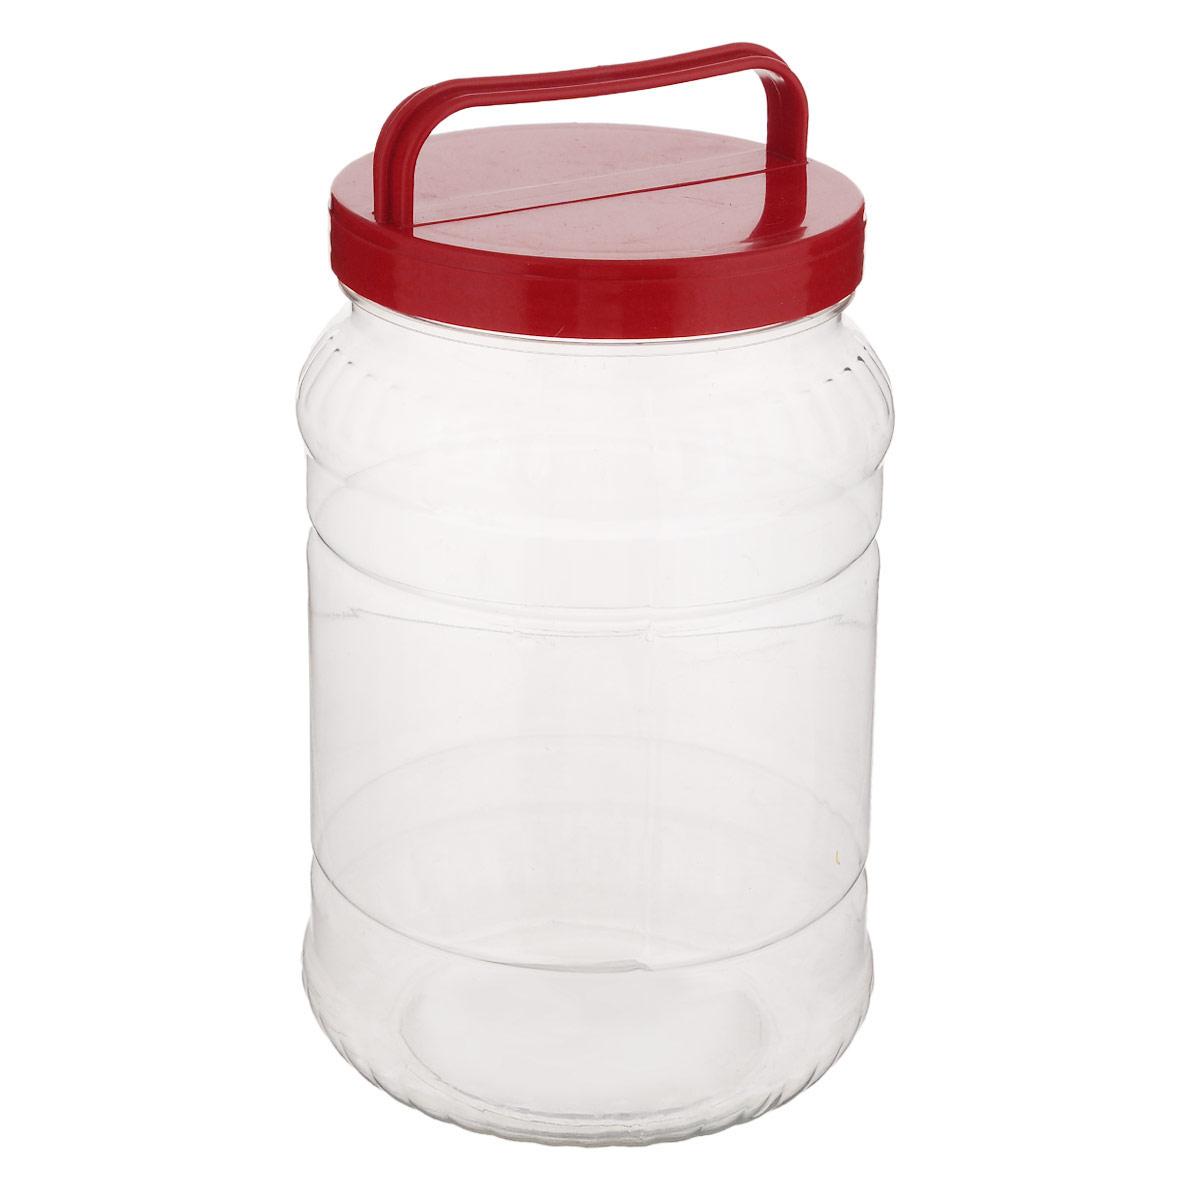 Бидон Альтернатива, цвет: прозрачный, красный, 2 лМ461_красныйБидон Альтернатива предназначен для хранения и переноски пищевых продуктов, таких как молоко, вода и прочее. Выполнен из пищевого высококачественного пластика. Оснащен ручкой для удобной переноски. Бидон Альтернатива станет незаменимым аксессуаром на вашей кухне. Высота бидона (без учета крышки): 20,5 см. Диаметр: 10,5 см.